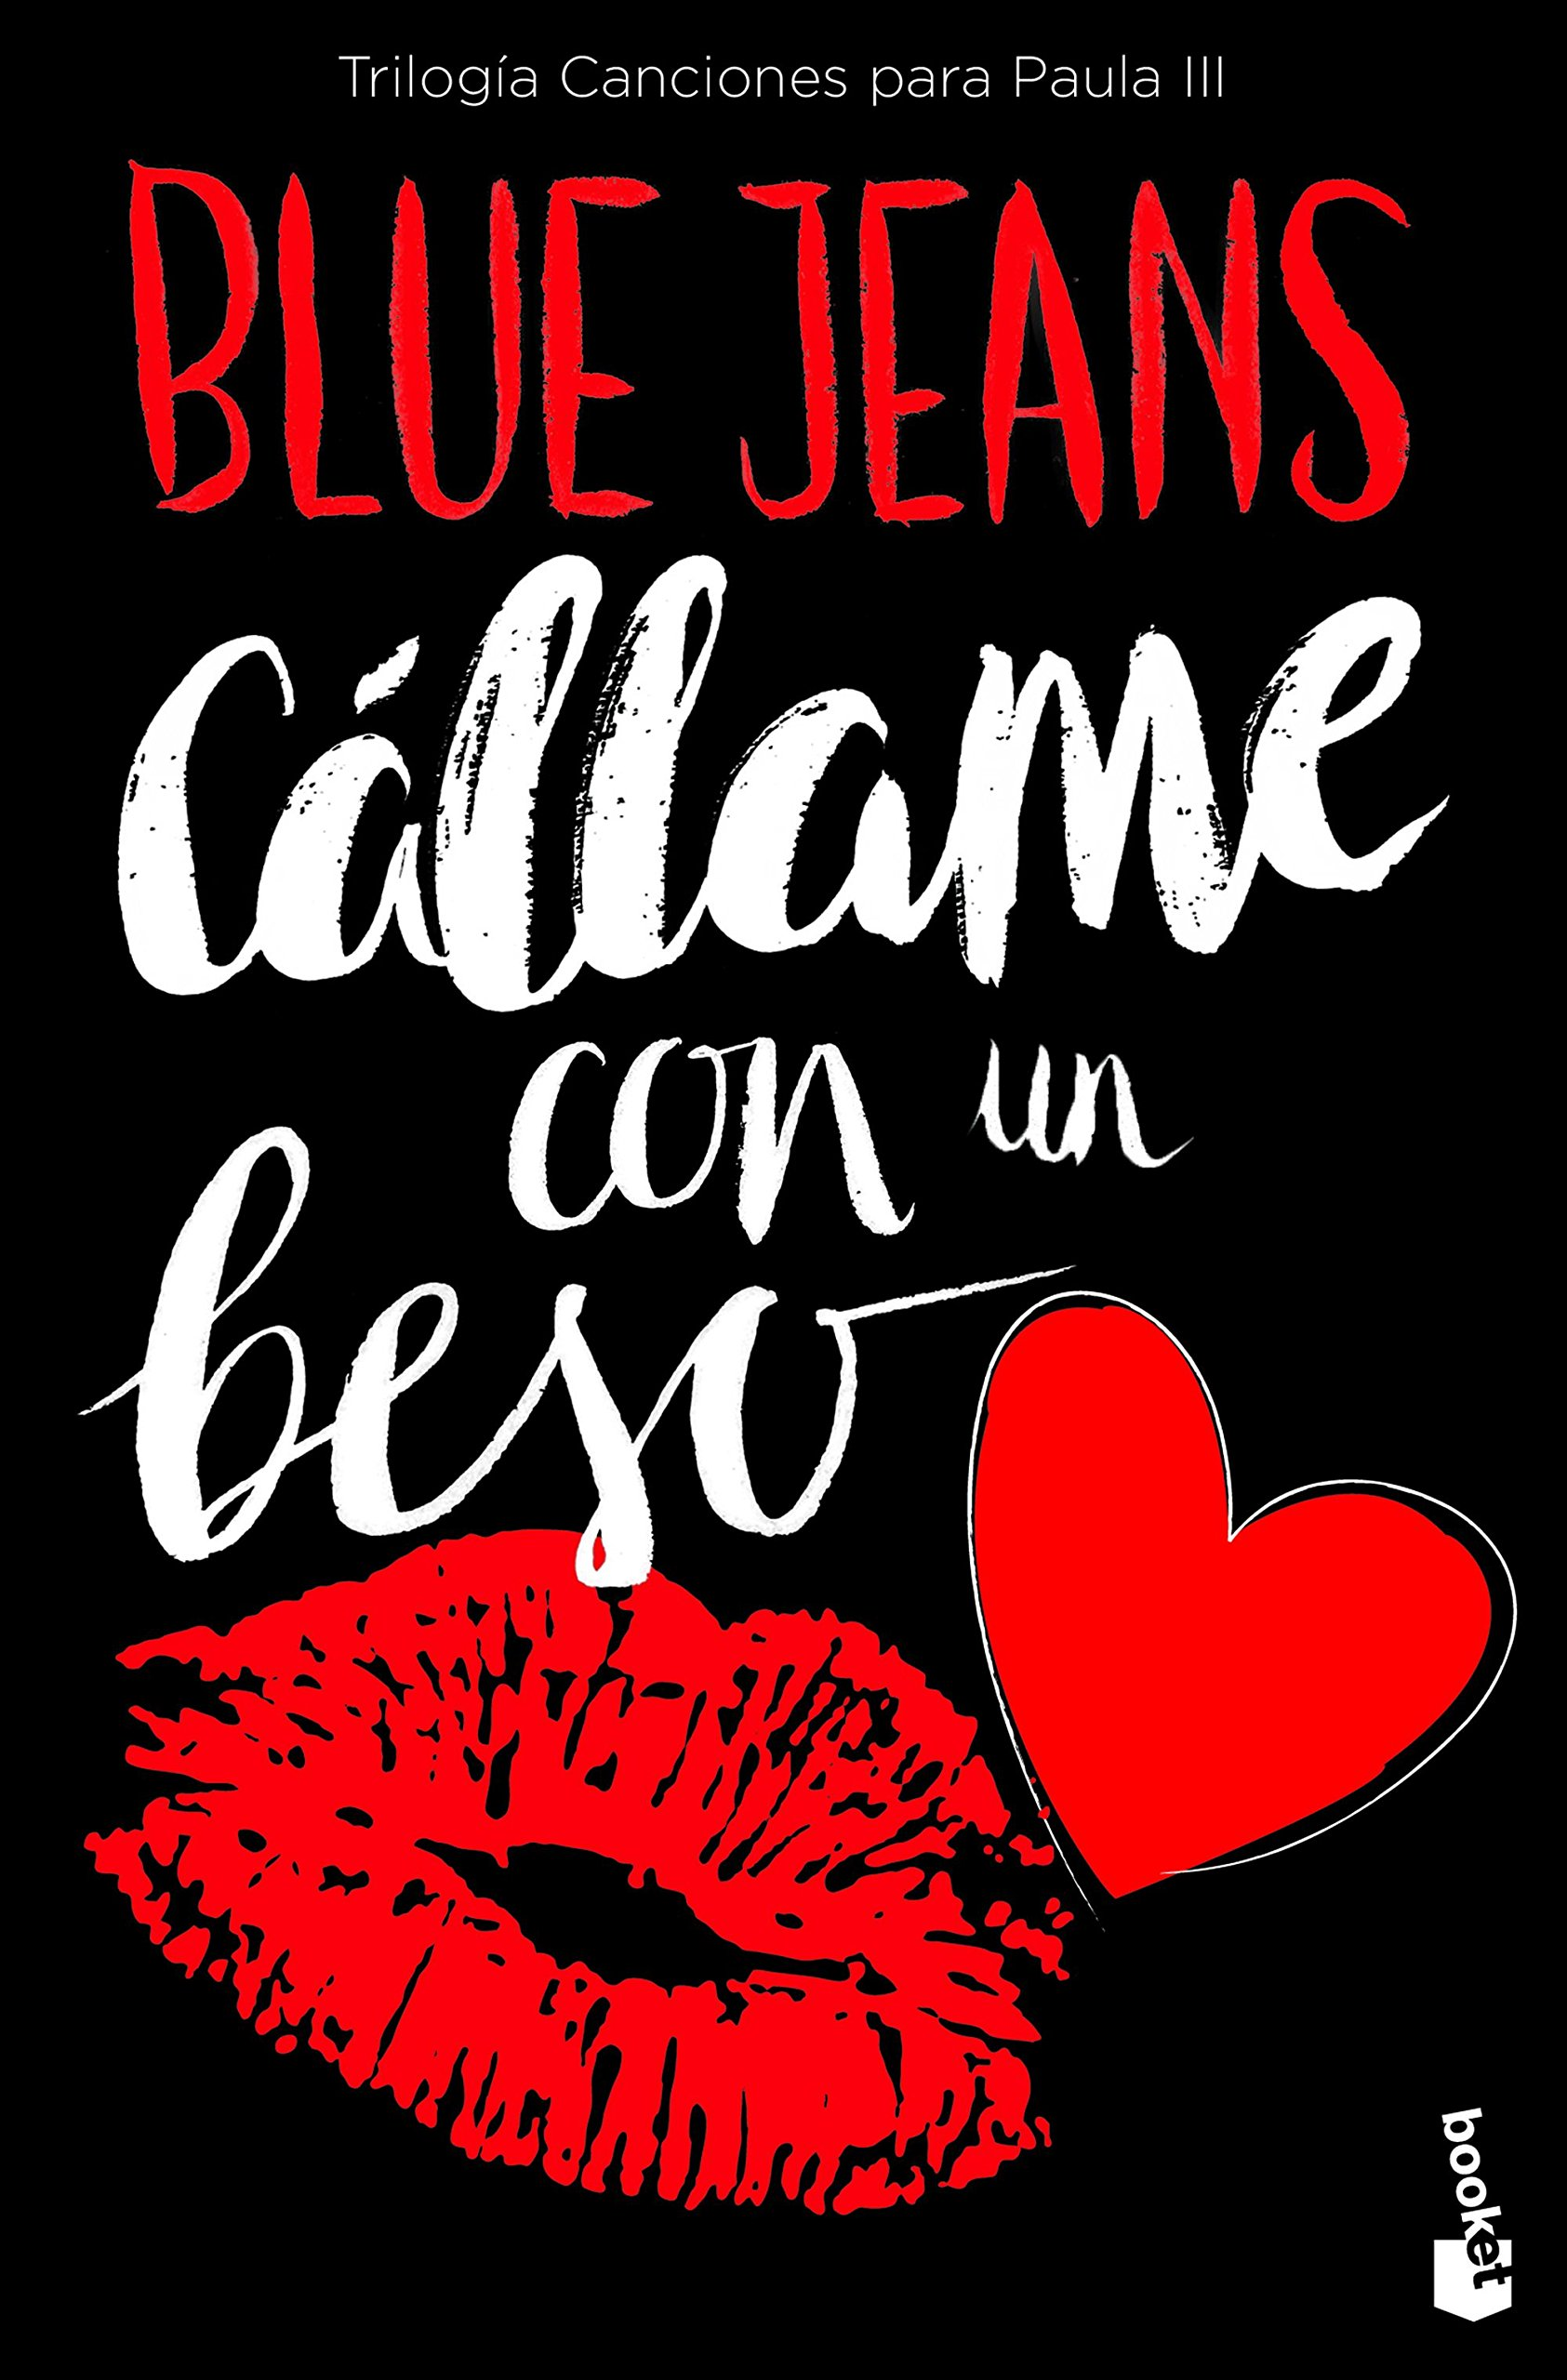 Cállame con un beso Trilogía Canciones para Paula 3 Bestseller: Amazon.es: Blue Jeans: Libros